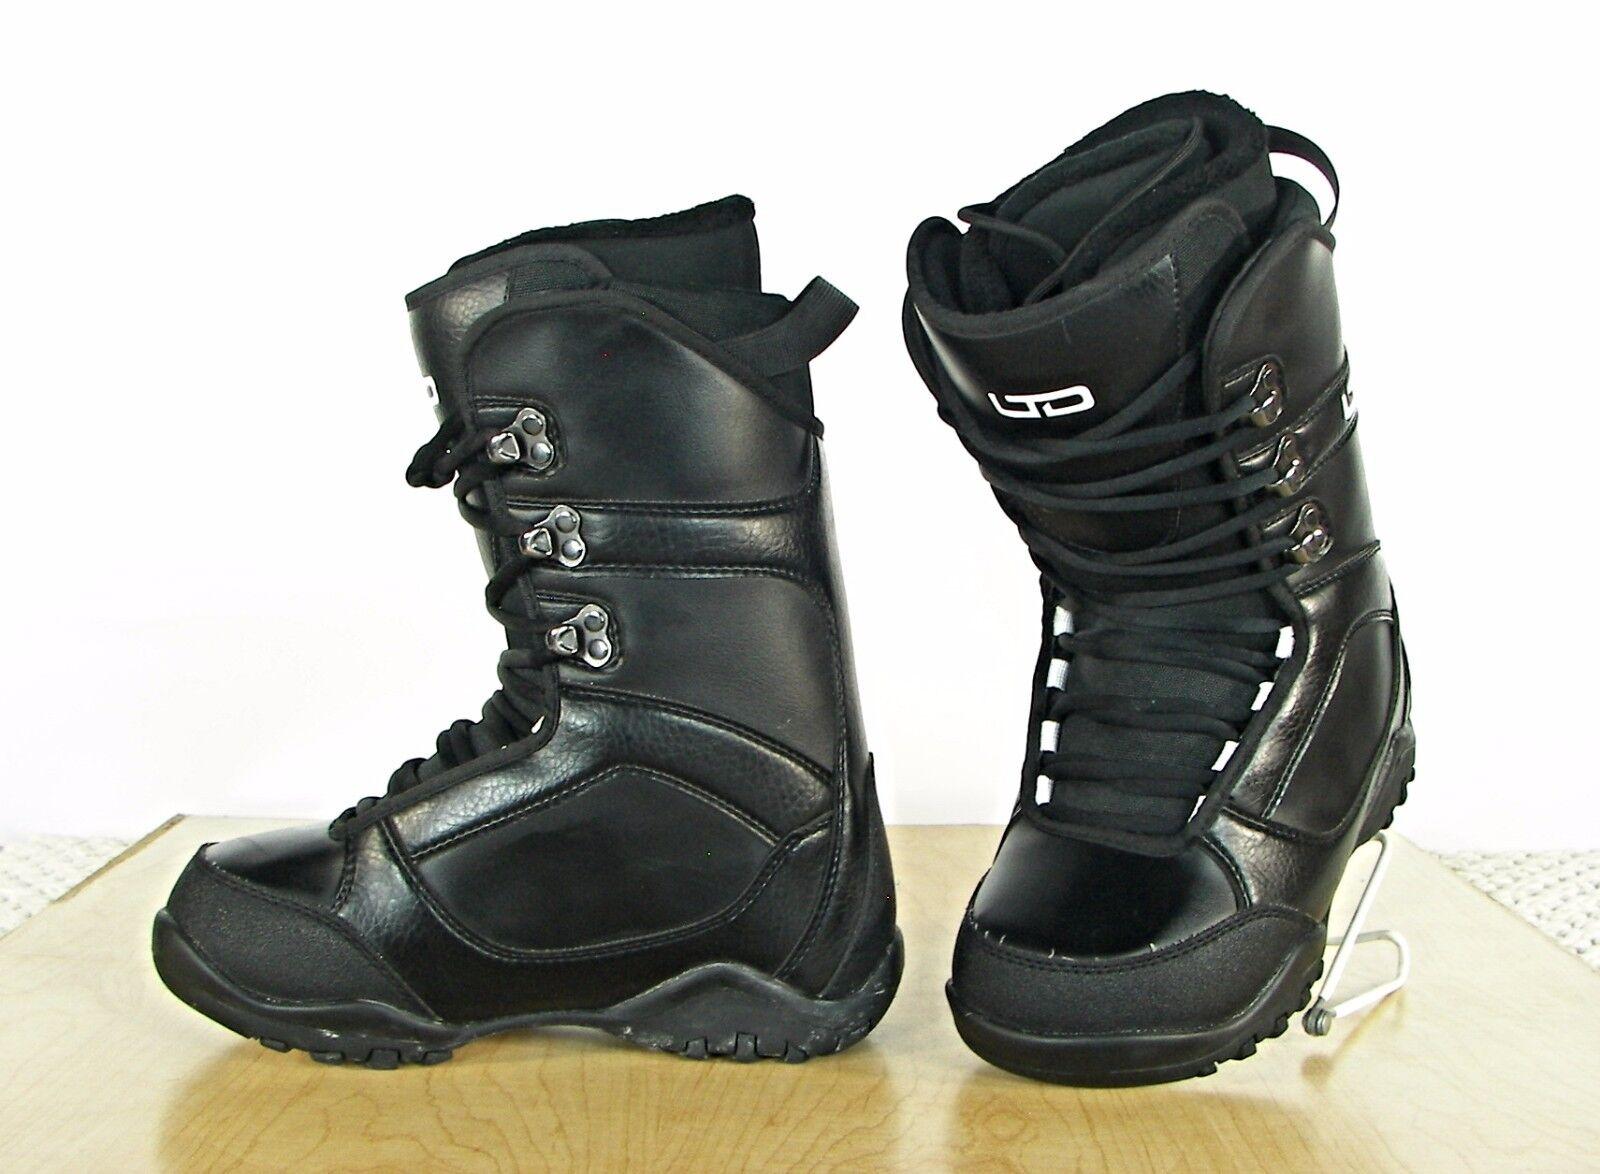 LTD Snowboard Boots Women's Ladies Size 7  EXCELLENT++